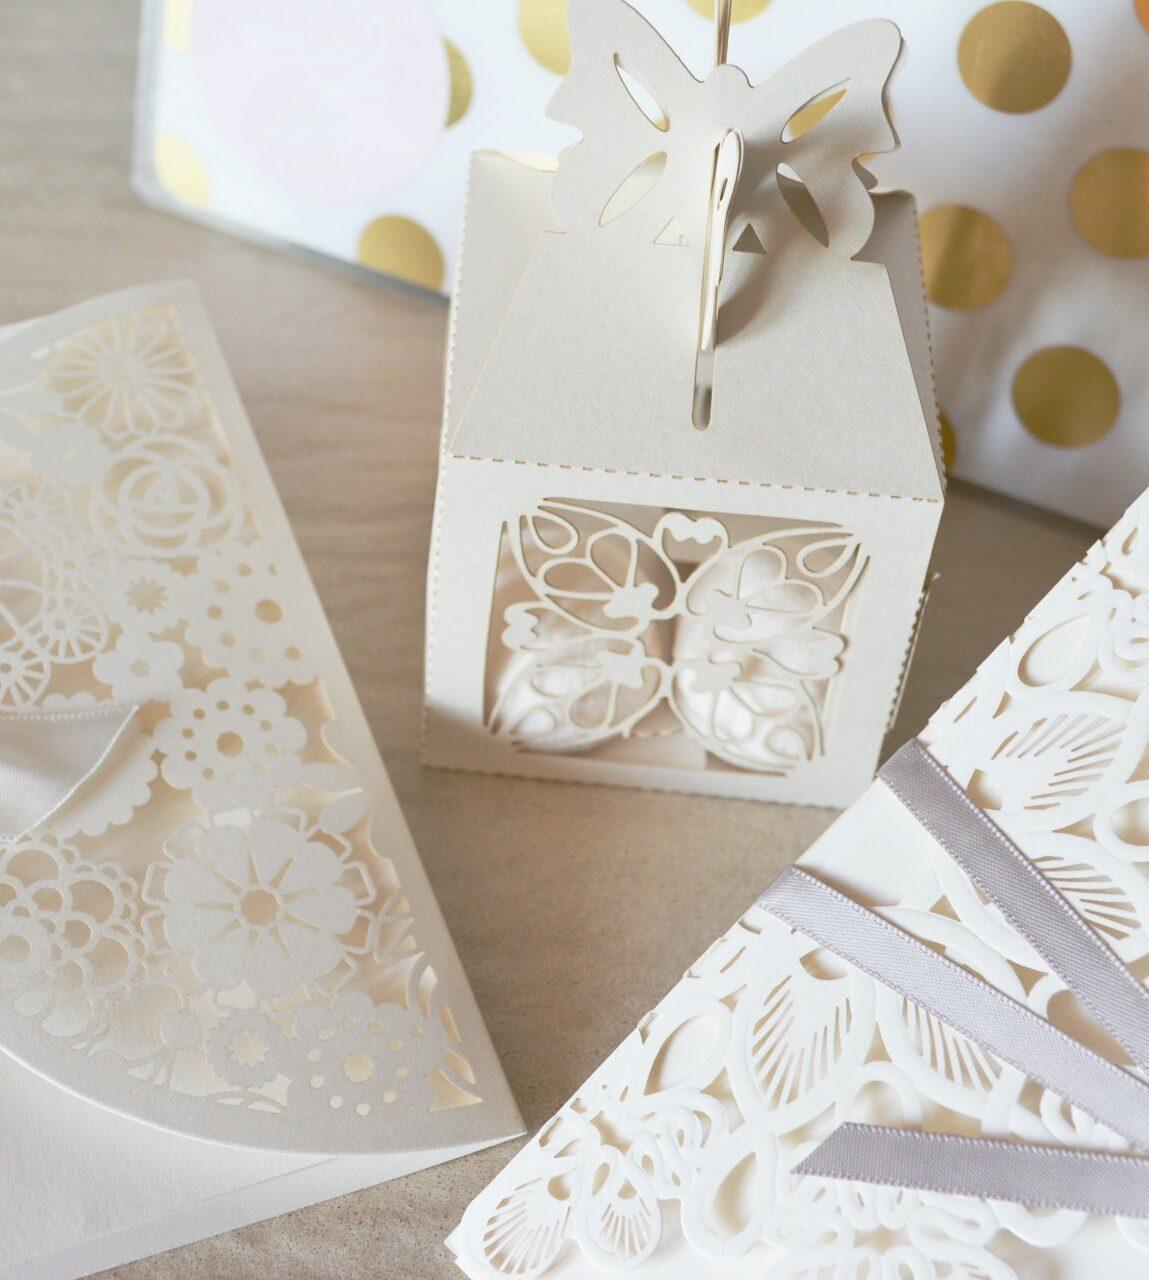 Wedding invitations on table